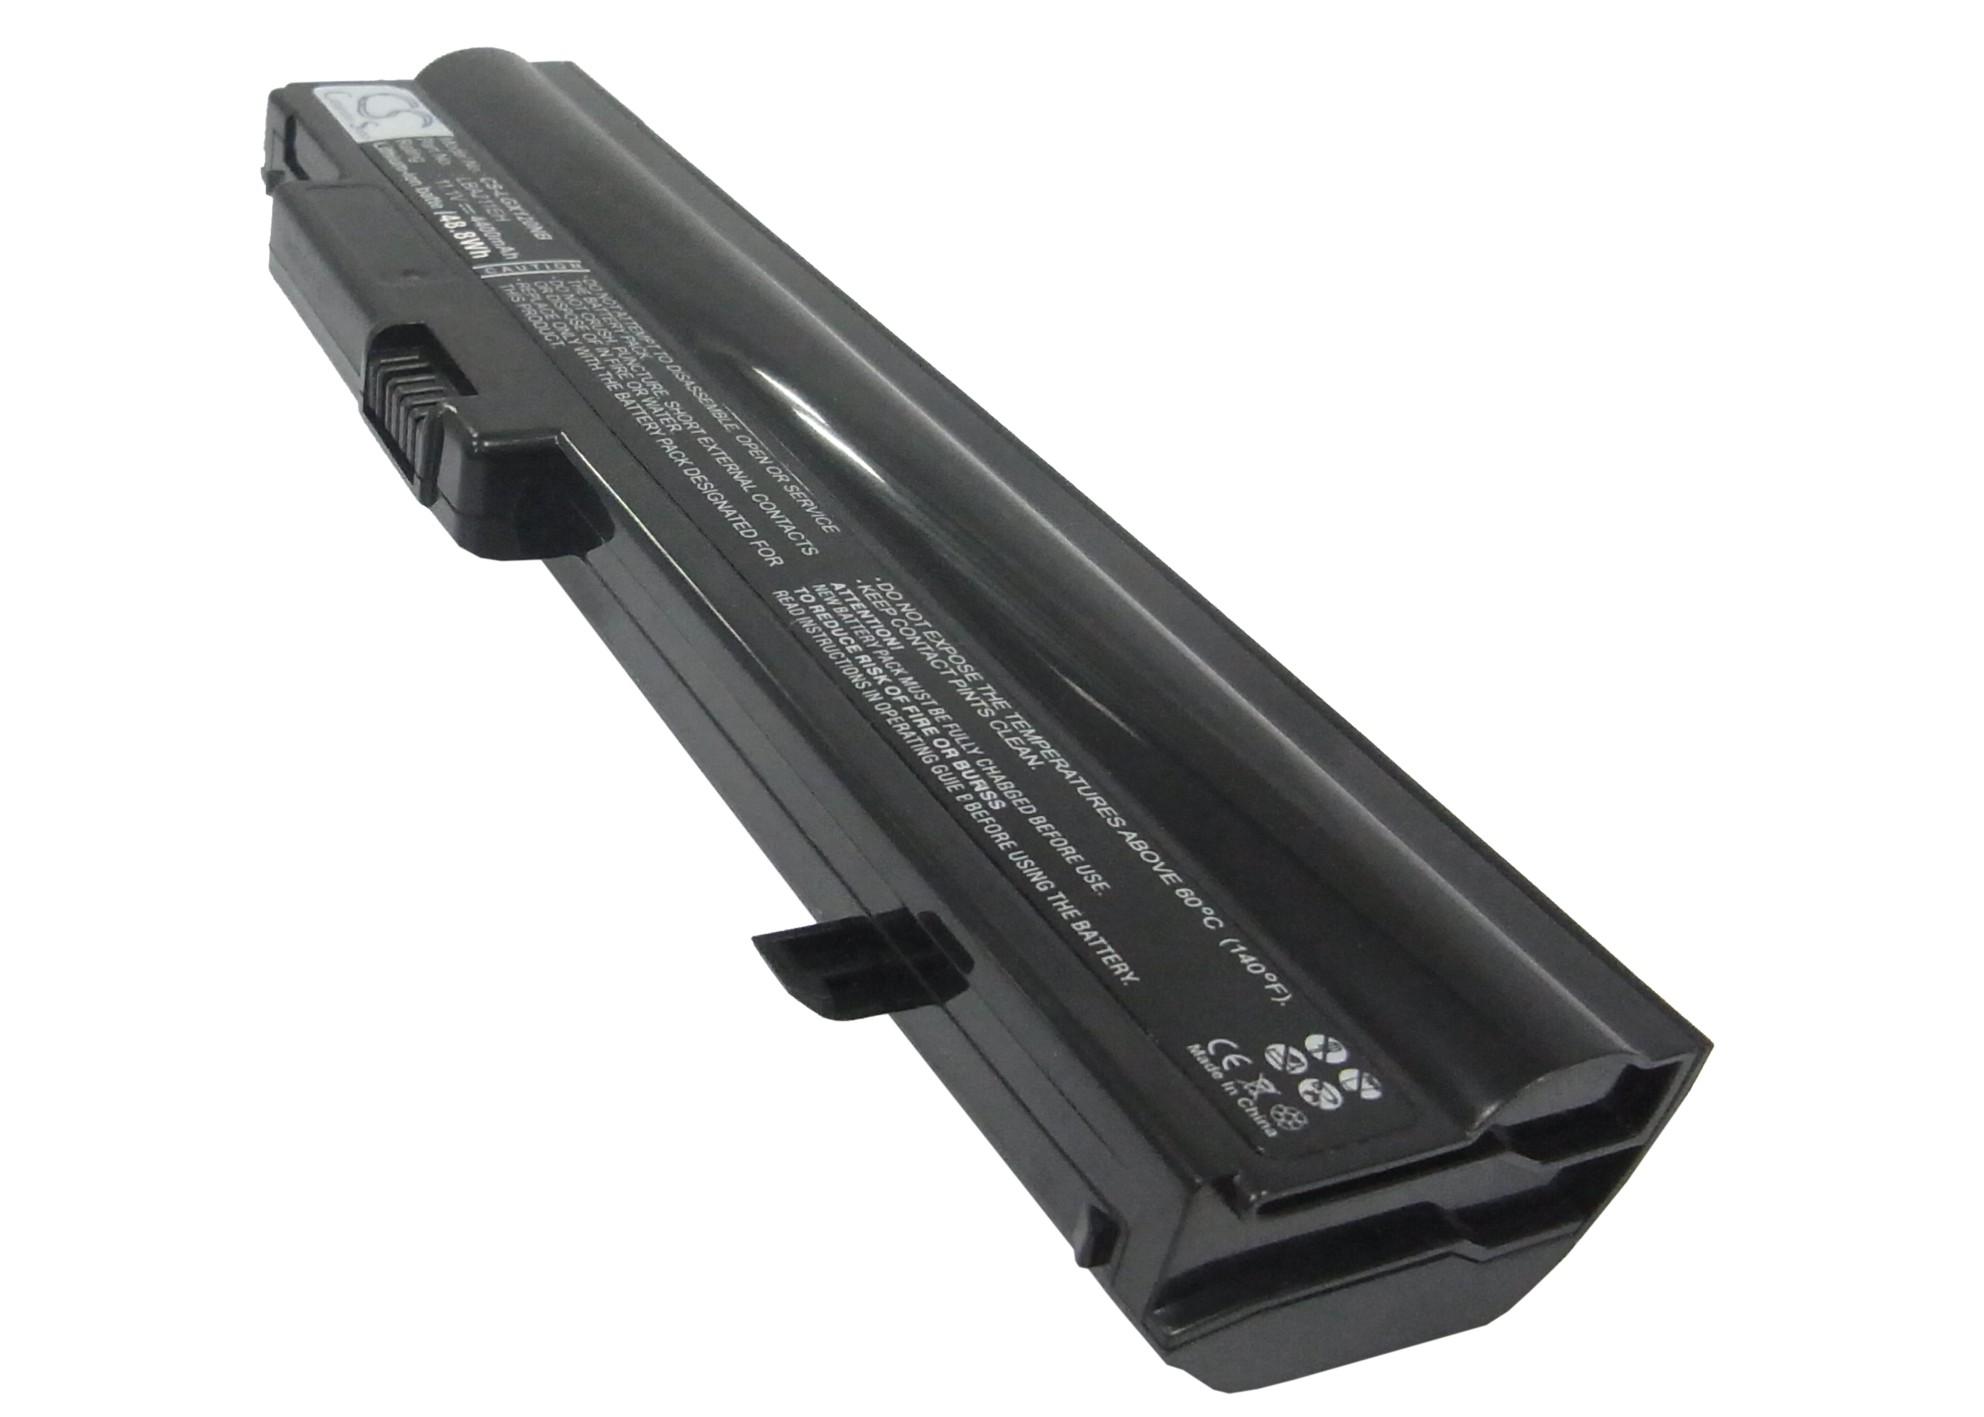 """Cameron Sino baterie do netbooků pro LG X130 10"""" 11.1V Li-ion 4400mAh černá - neoriginální"""